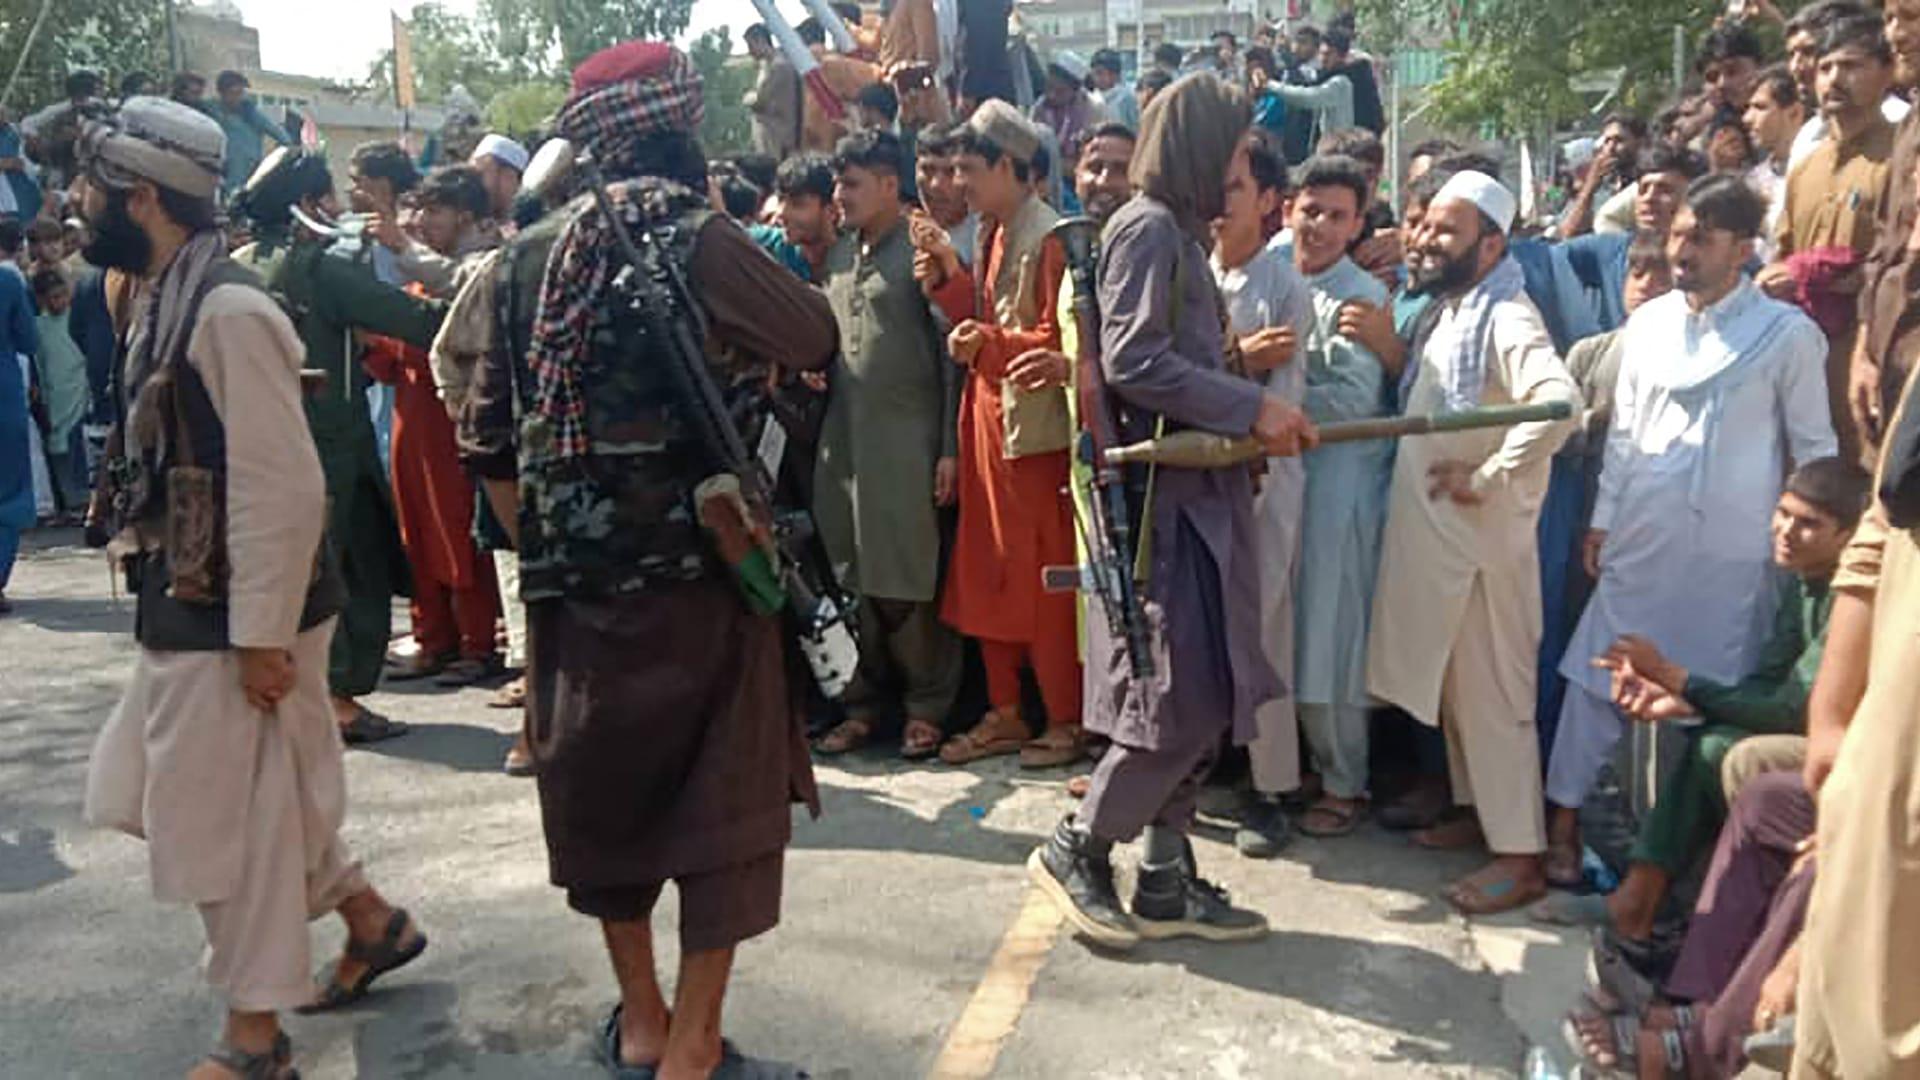 صورة لمقاتلي طالبان في شوارع العاصمة الأفغانية كابل